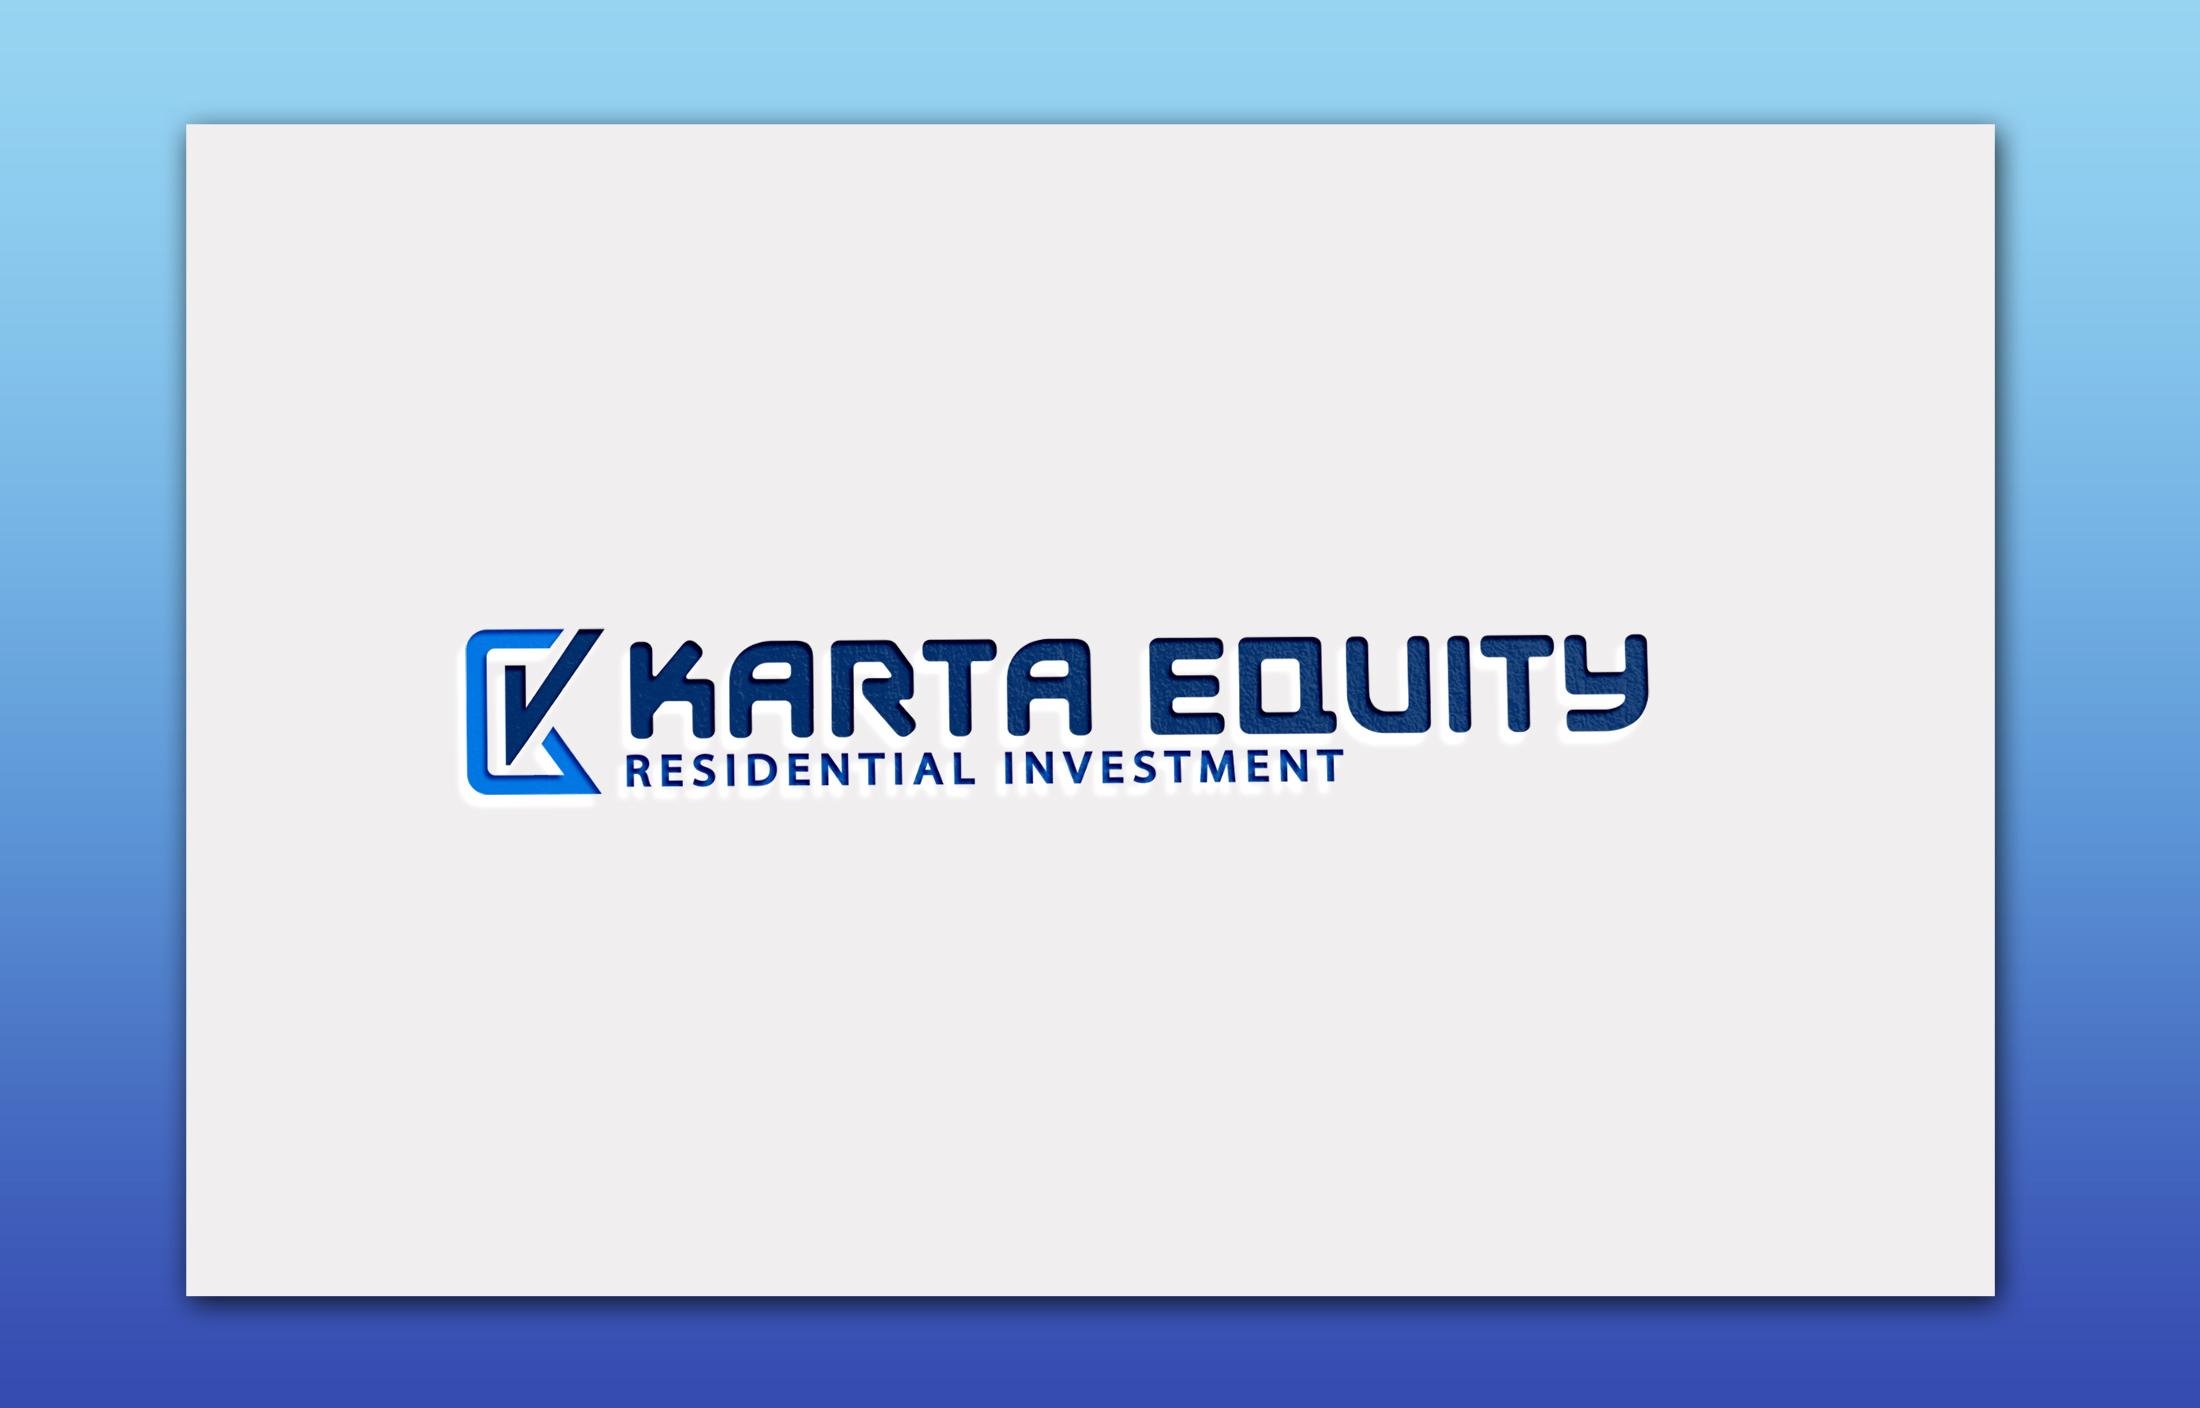 Логотип для компании инвестироваюшей в жилую недвижимость фото f_1475e17506157852.jpg